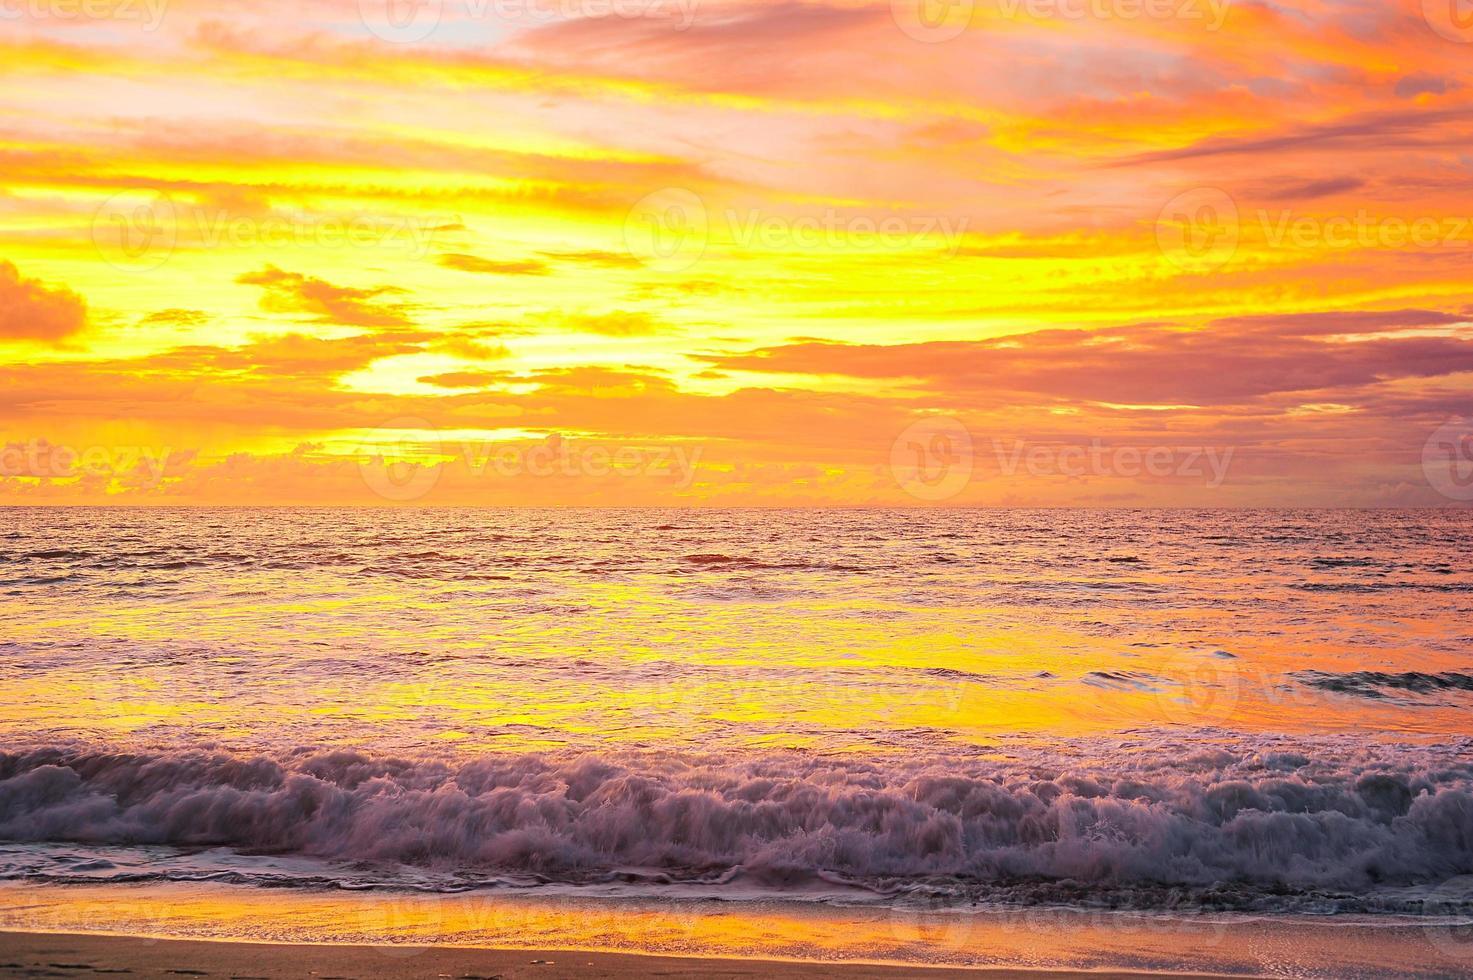 solnedgång på bali foto